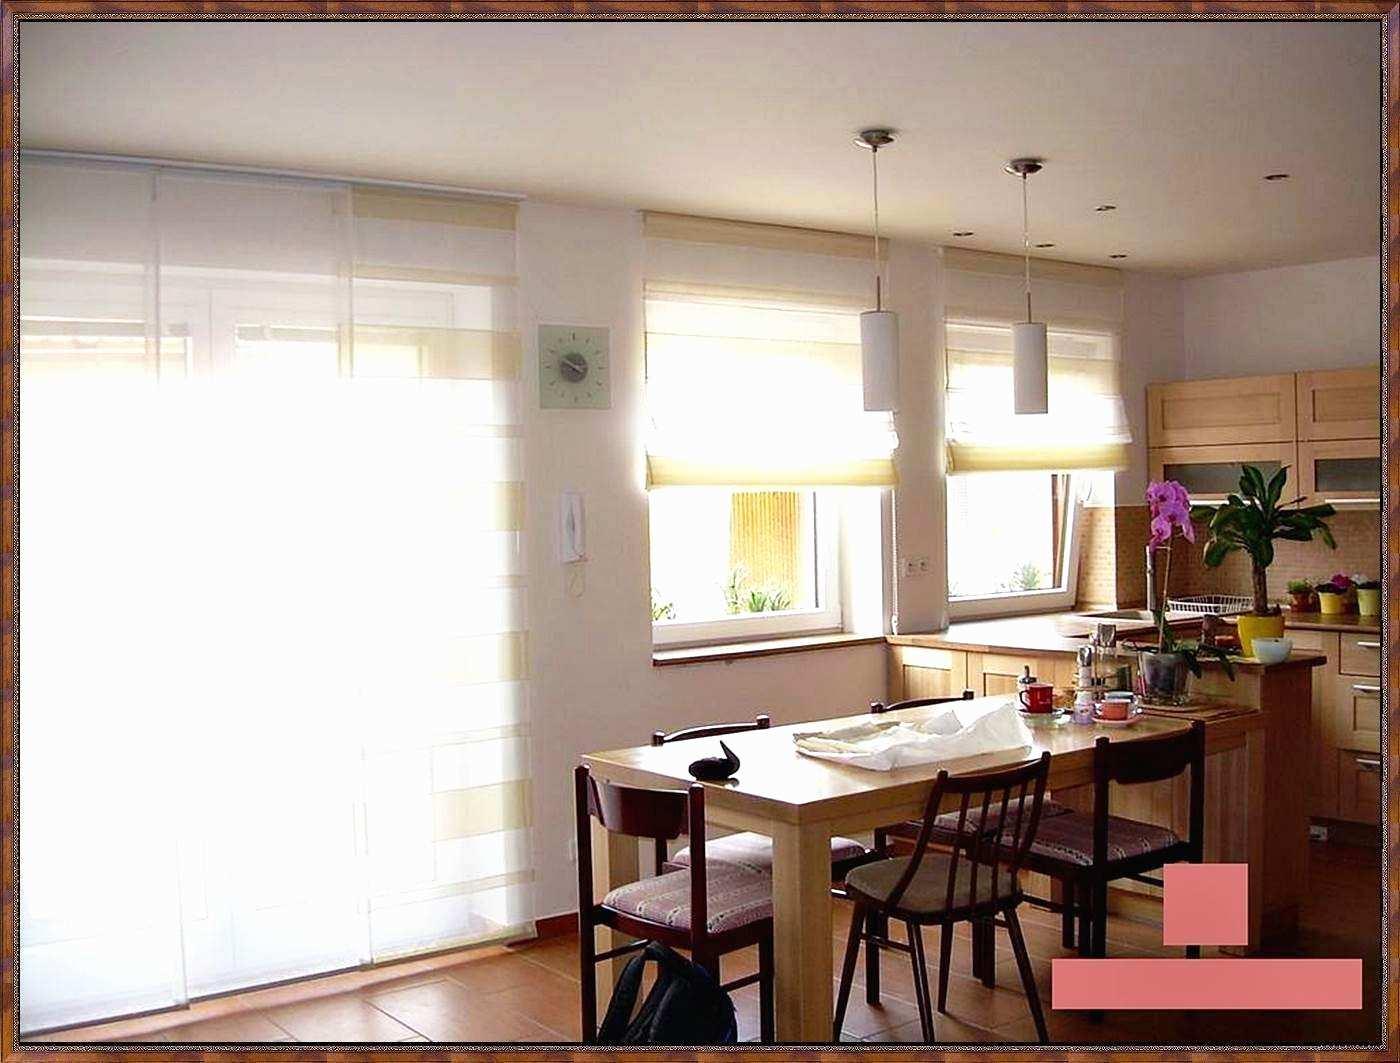 Full Size of Küchenfenster Gardinen Fenster Kuche Modern Caseconradcom Scheibengardinen Küche Für Schlafzimmer Die Wohnzimmer Wohnzimmer Küchenfenster Gardinen